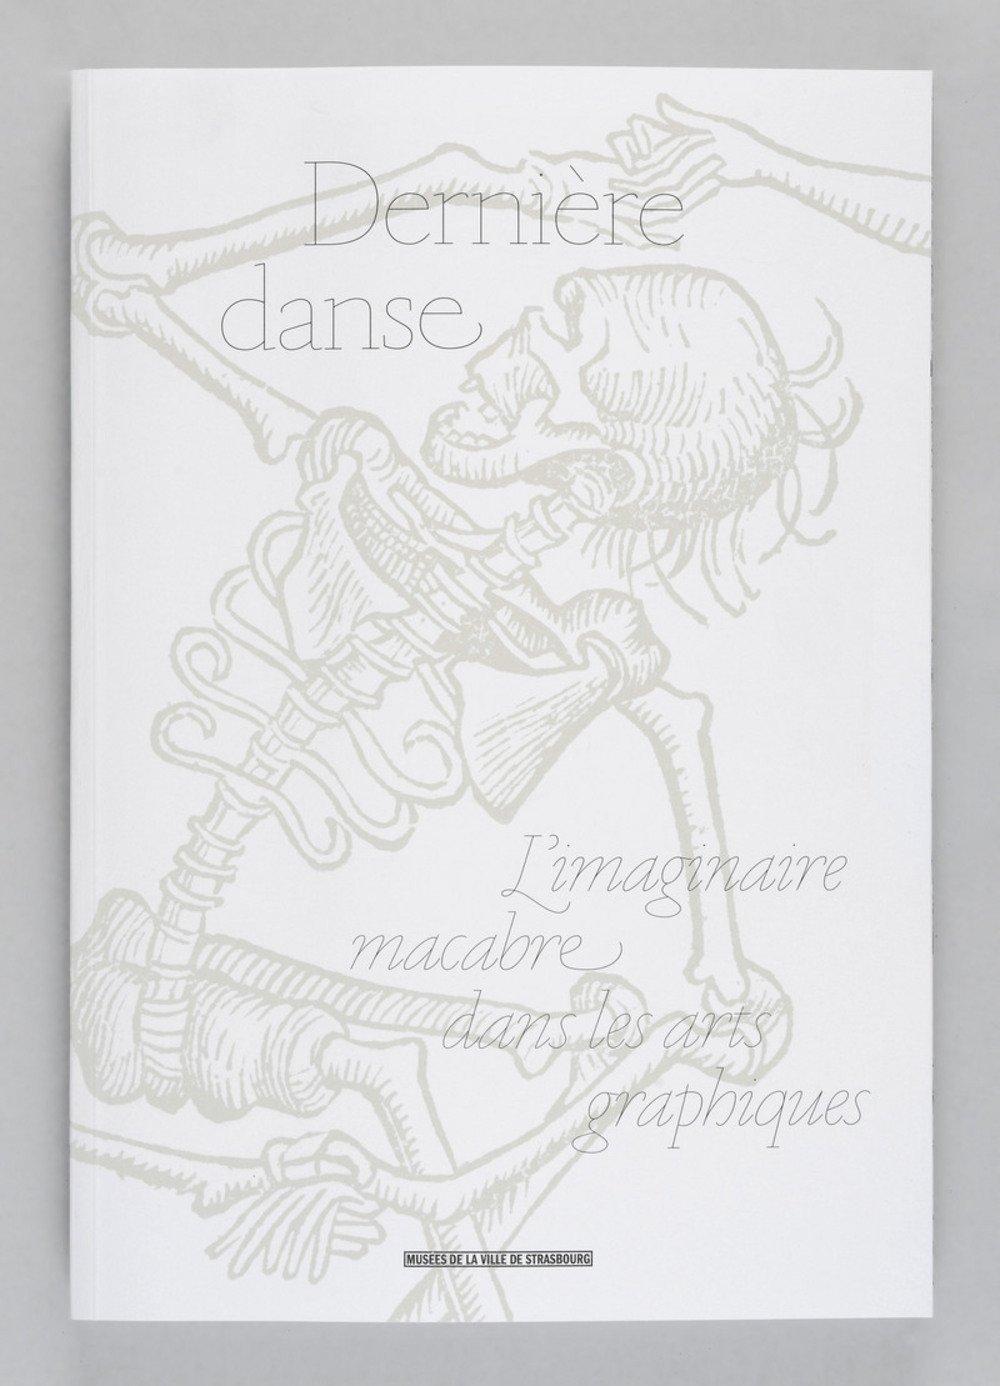 Dernière Danse. L'imaginaire macabre dans les arts graphiques Broché – 26 mai 2016 Collectif Musées Strasbourg 2351251385 Arts graphiques (dessin